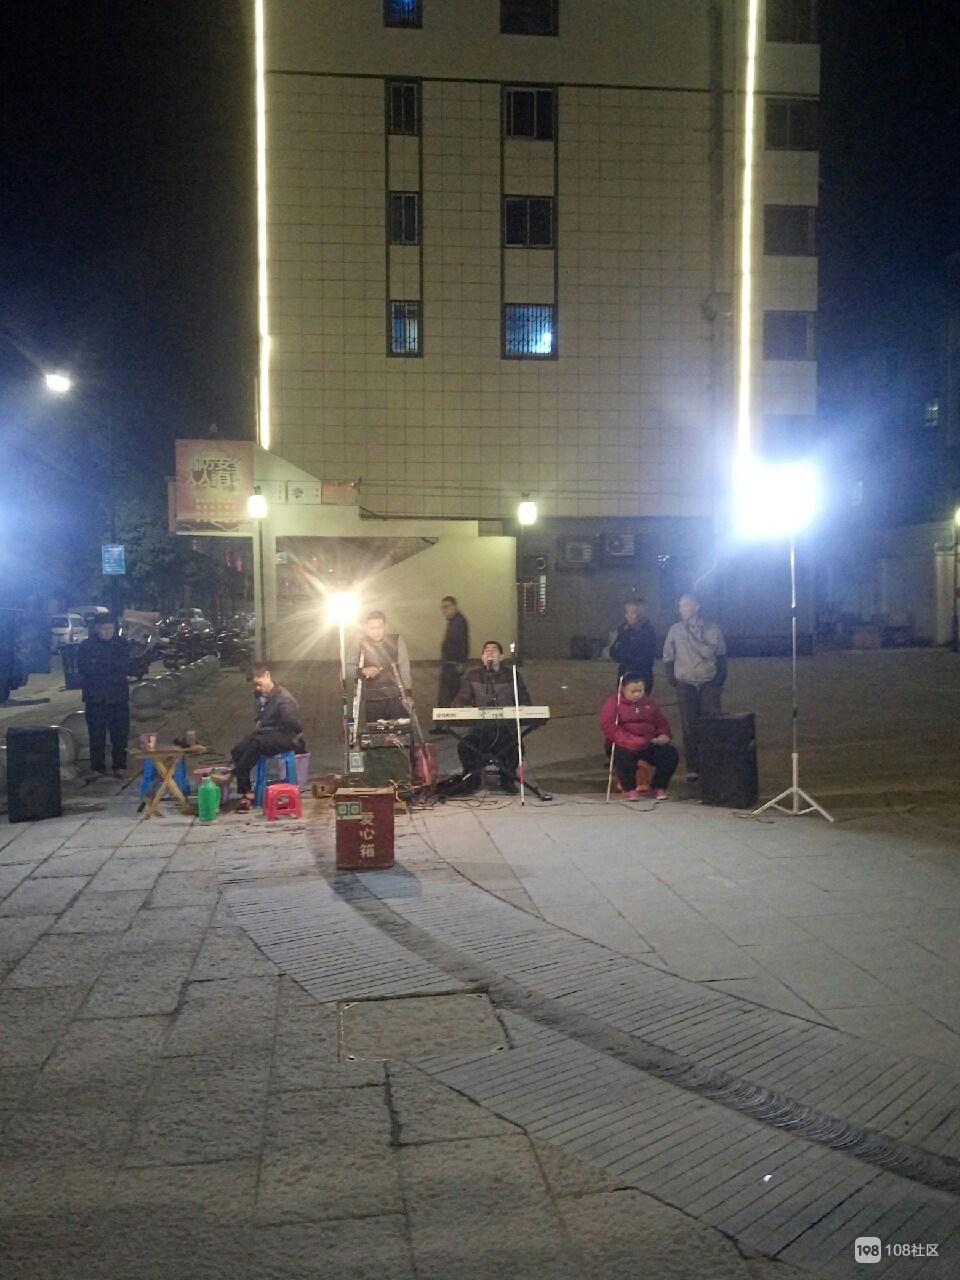 四个残疾人的街头演唱会,打动了许多围观者们奉献的爱心